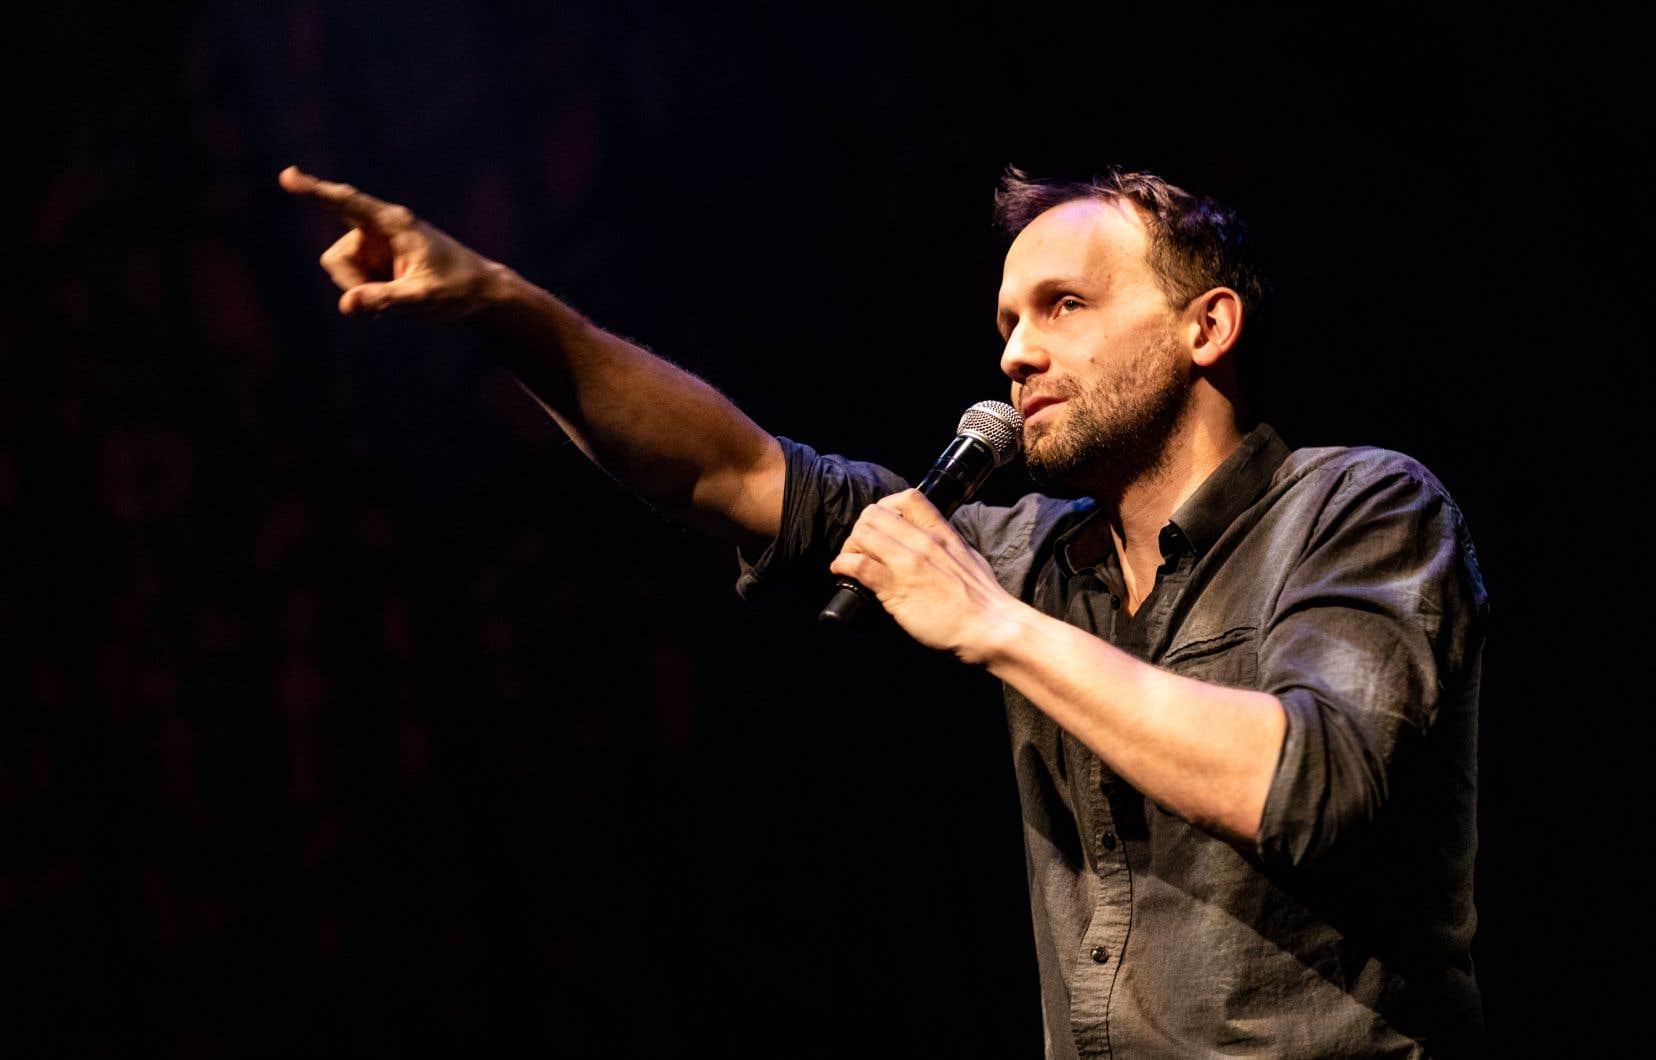 Le musicien et comédien Émile Proulx-Cloutier a lancé cette série de six spectacles «carte blanche», vendredi dernier à la Cinquième salle de la Place des Arts.